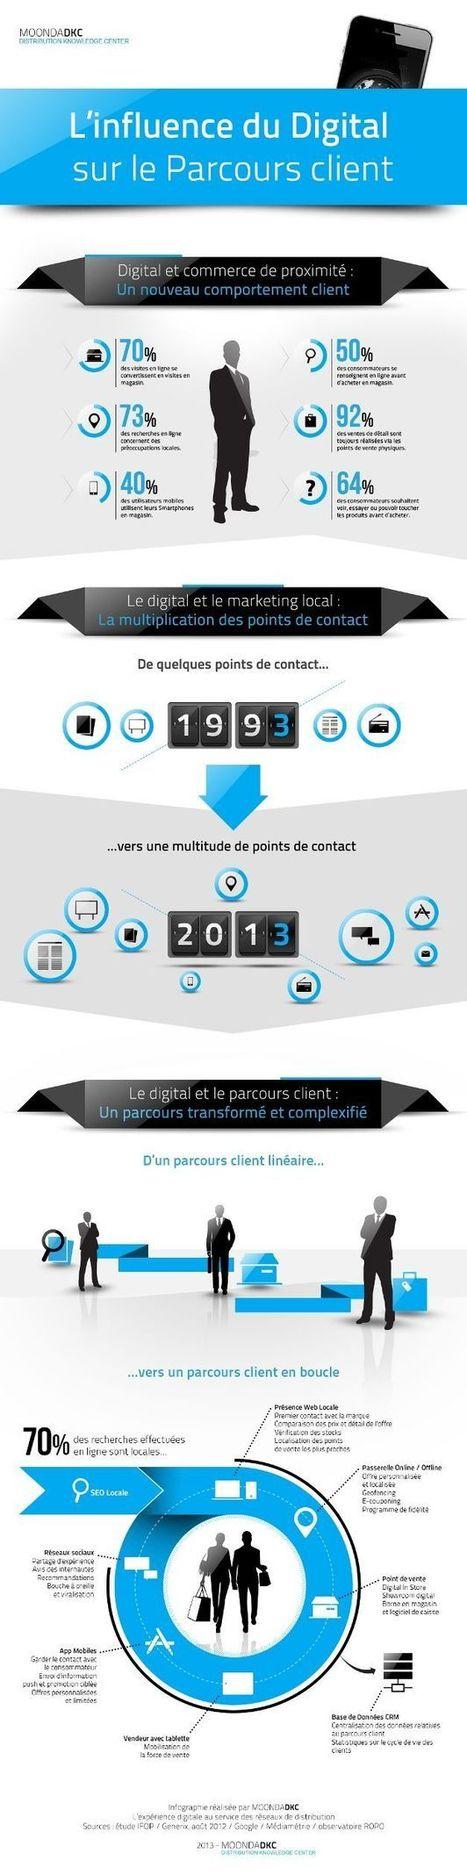 eGrandeDistribution I Digital | Les comportements agiles partagés | Scoop.it